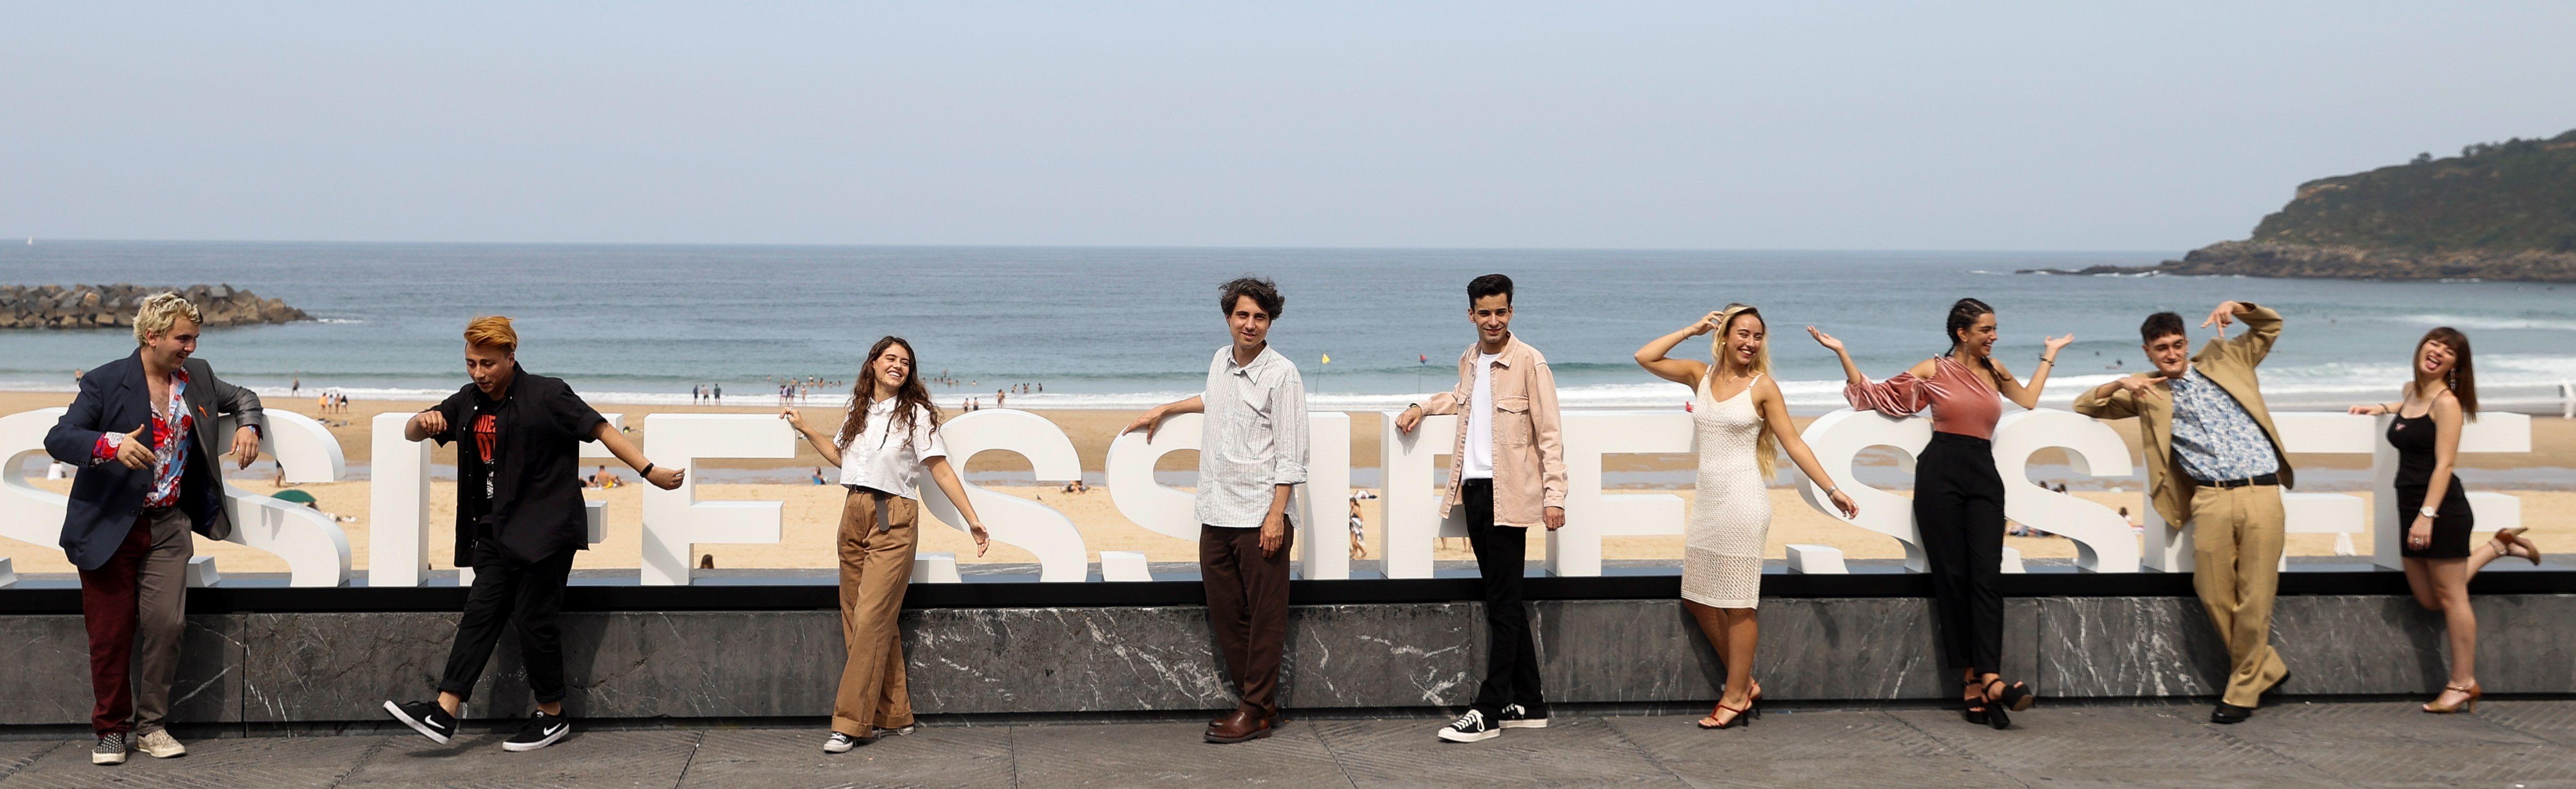 'Quién lo impide', adolescentes de verdad y un barco solo aceptable en 'La Fortuna'